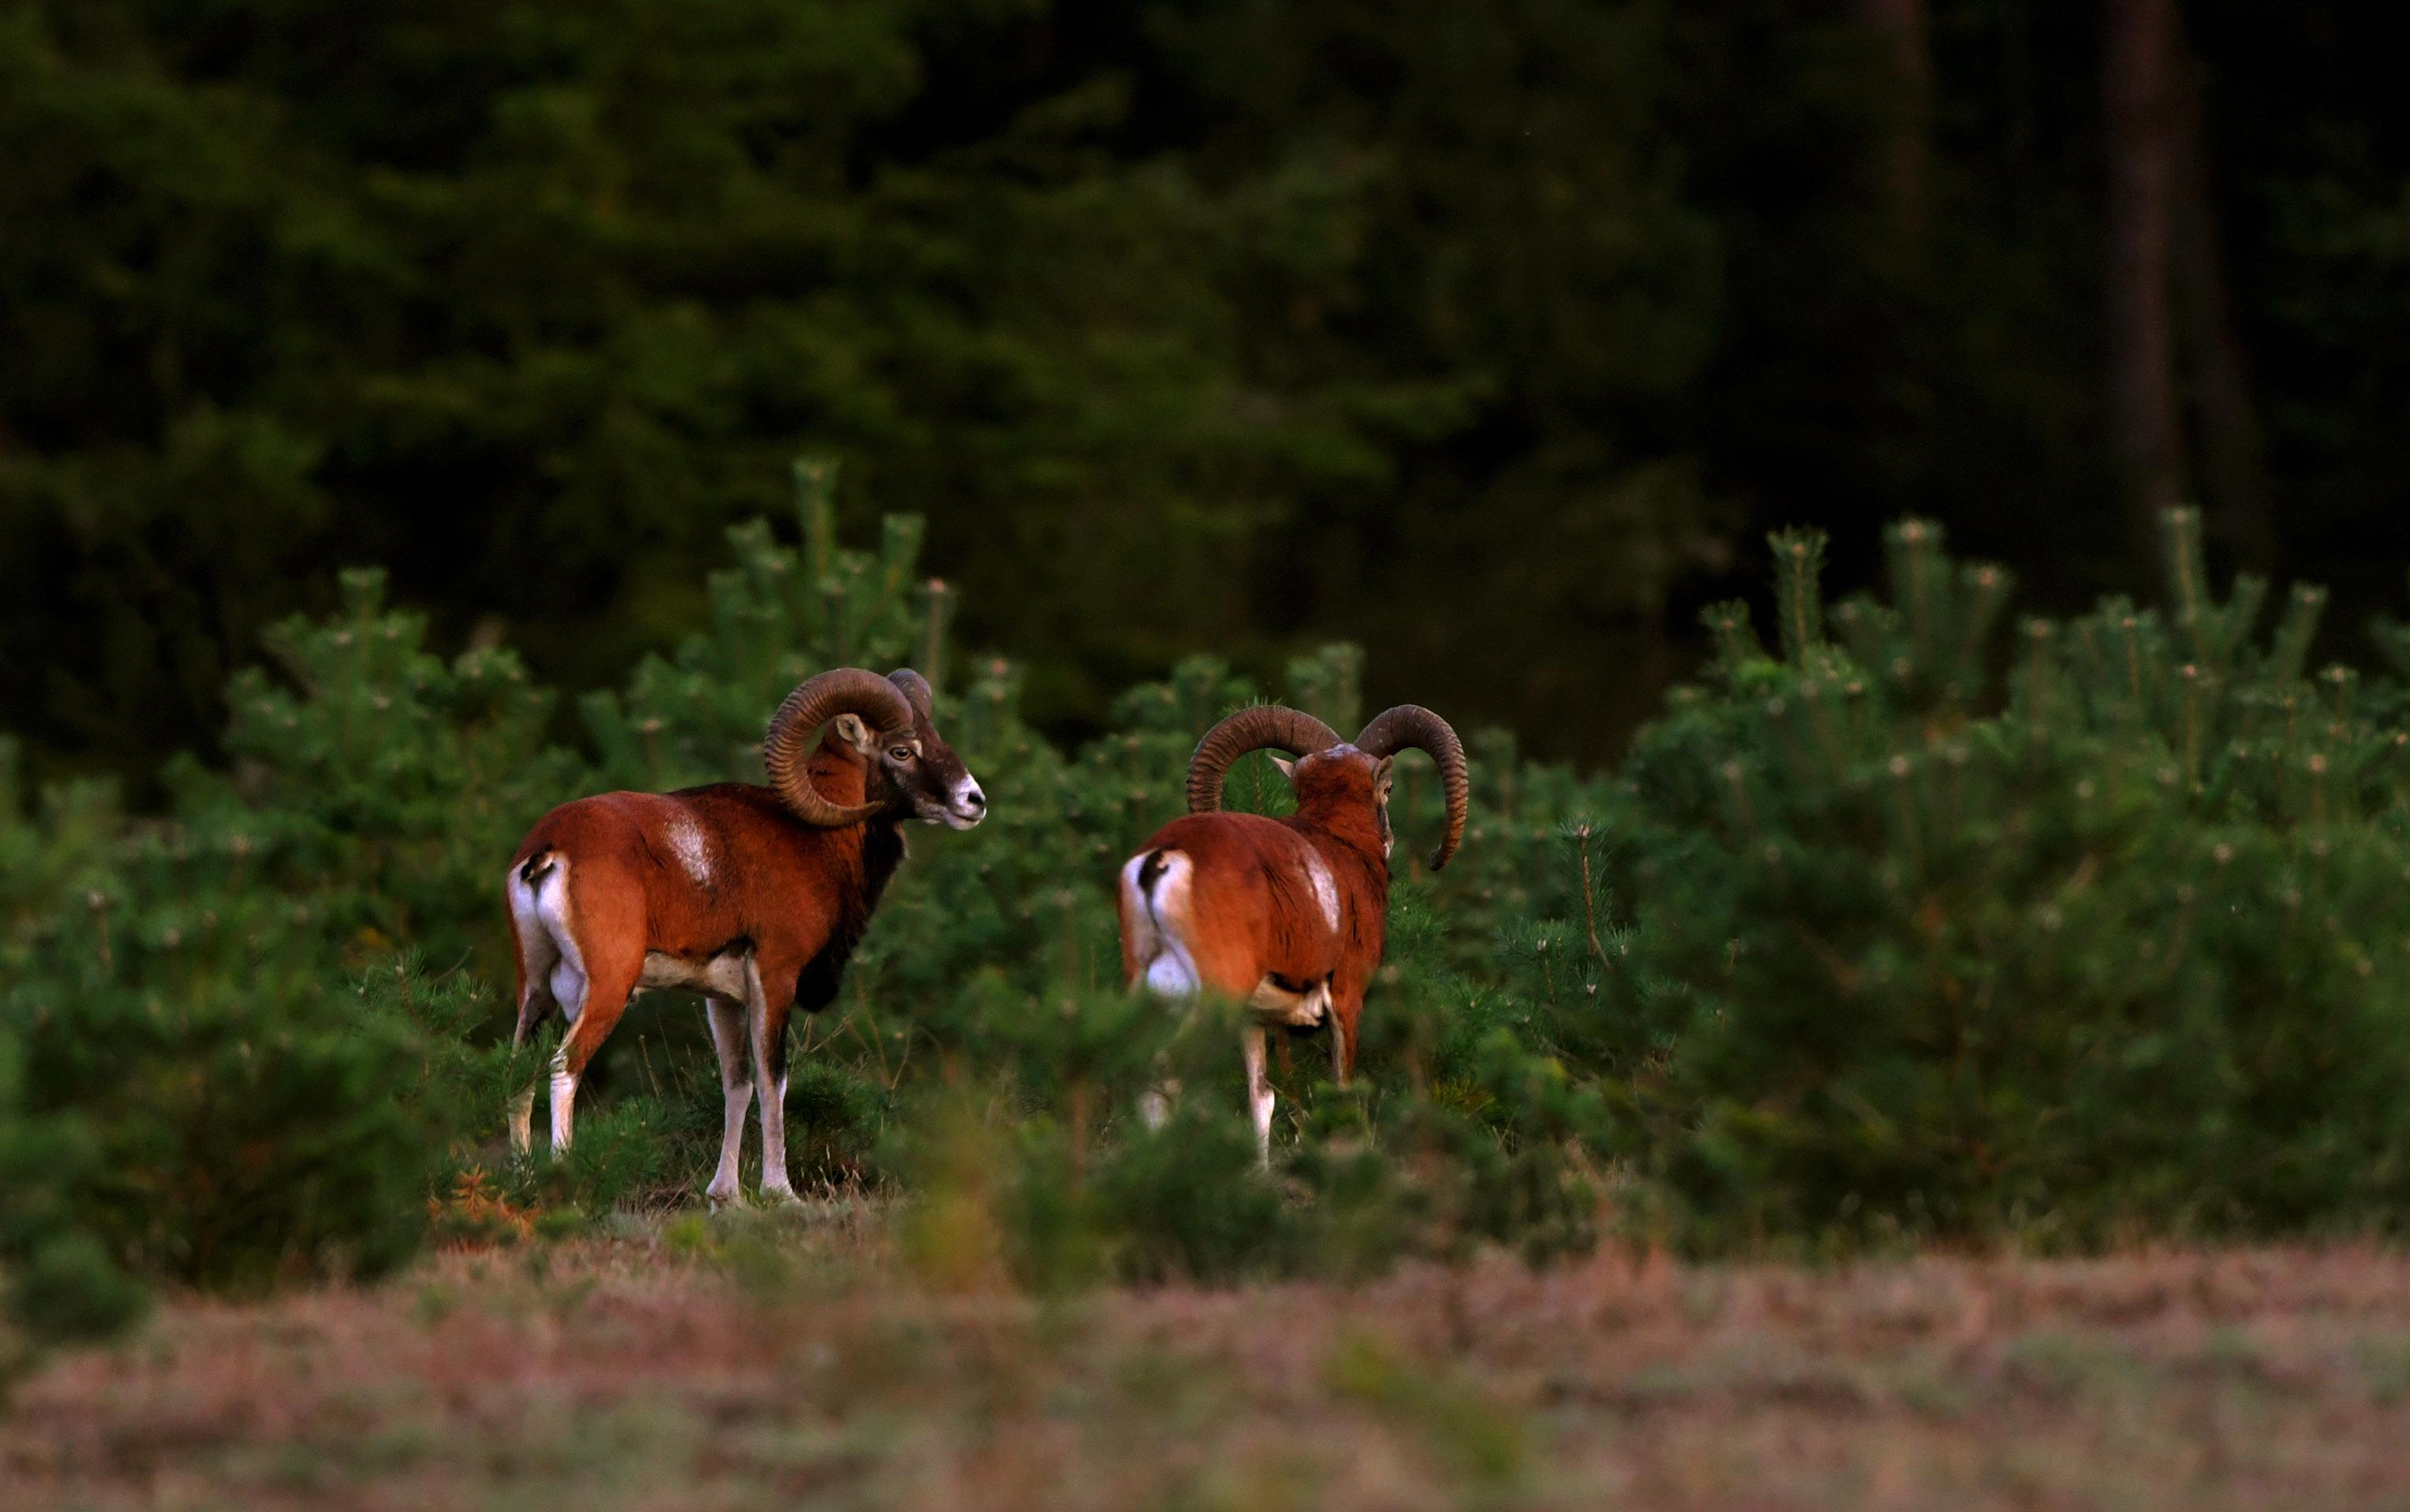 Ze waren met z'n tweeën, maar trokken al snel de dekking in, helaas - Foto: ©Louis Fraanje